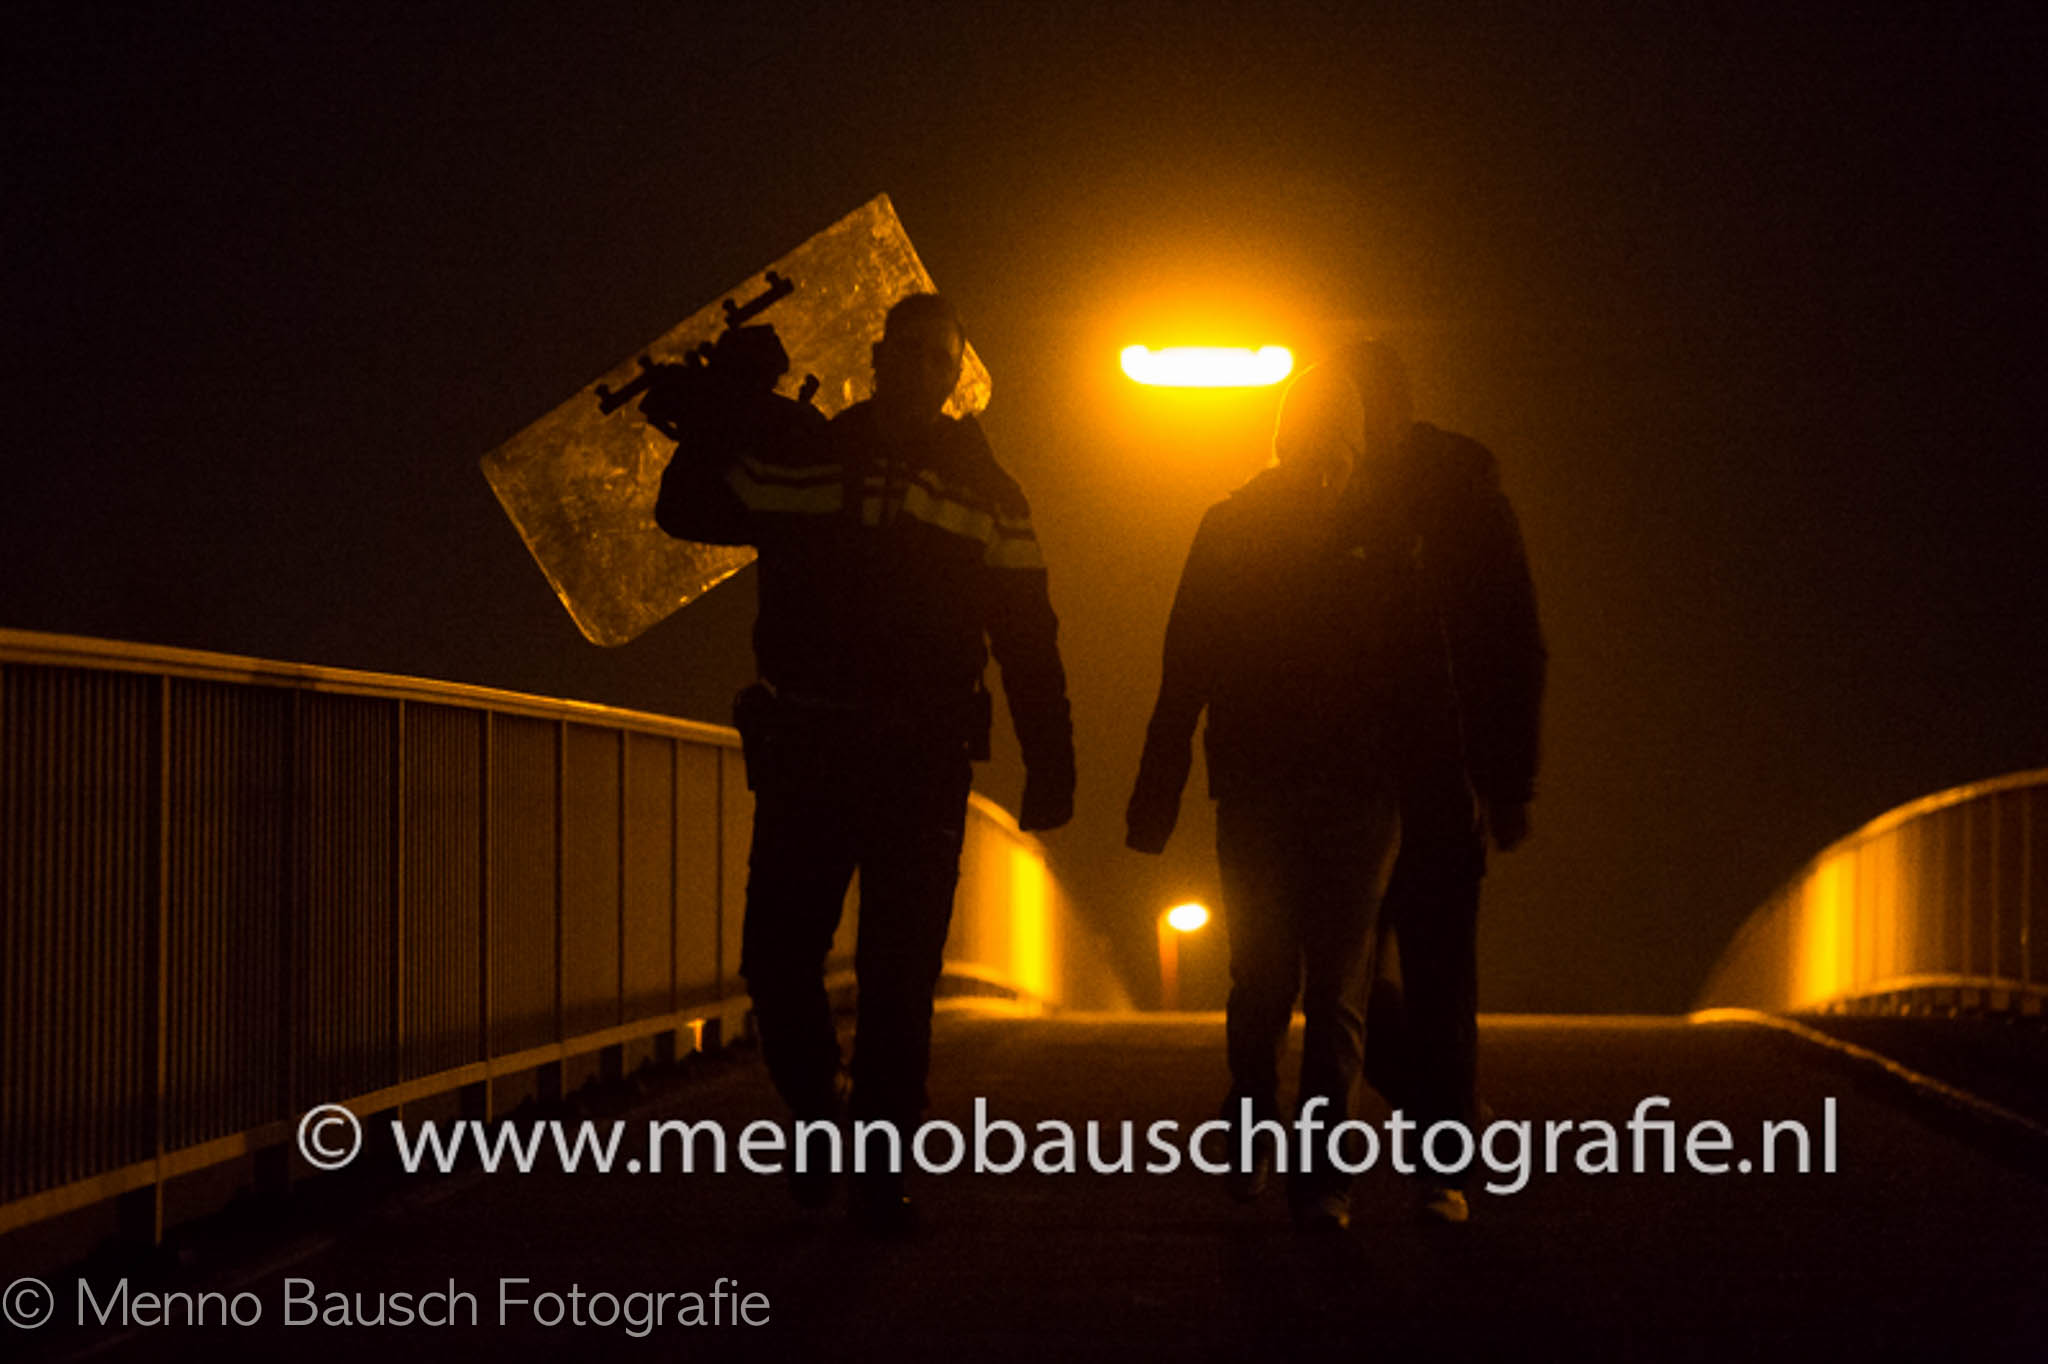 Menno Bausch Fotografie11